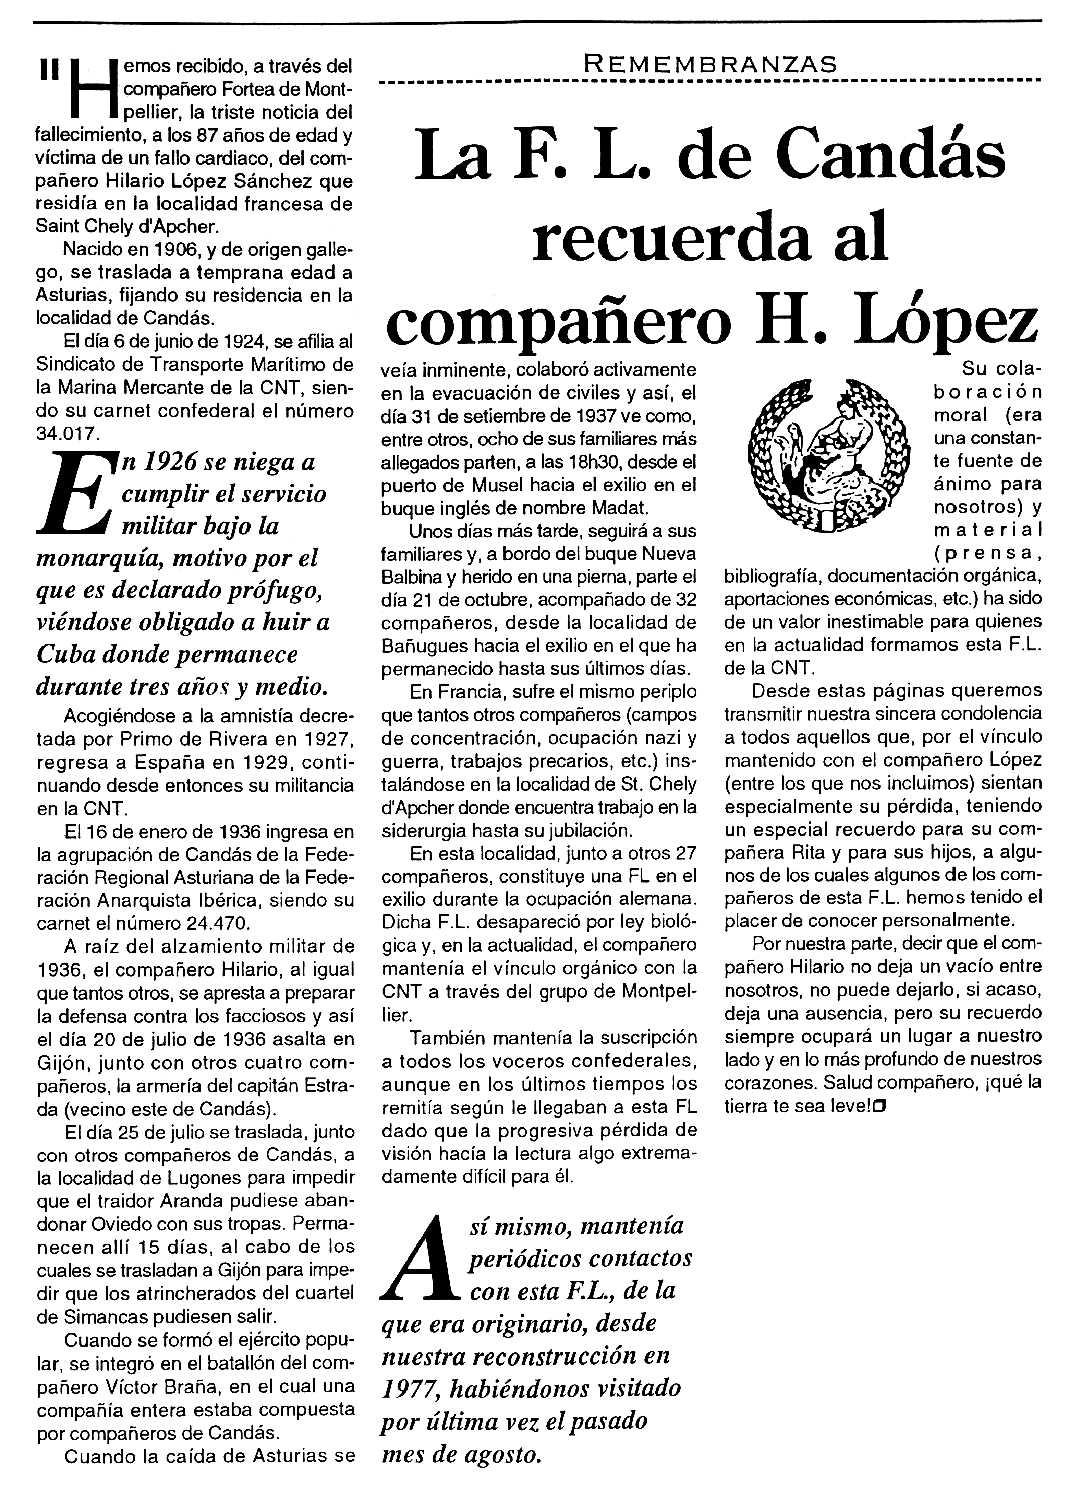 """Necrològica d'Hilario López Sánchez apareguda en el periòdic tolosà """"Cenit"""" del 14 de desembre de 1993"""